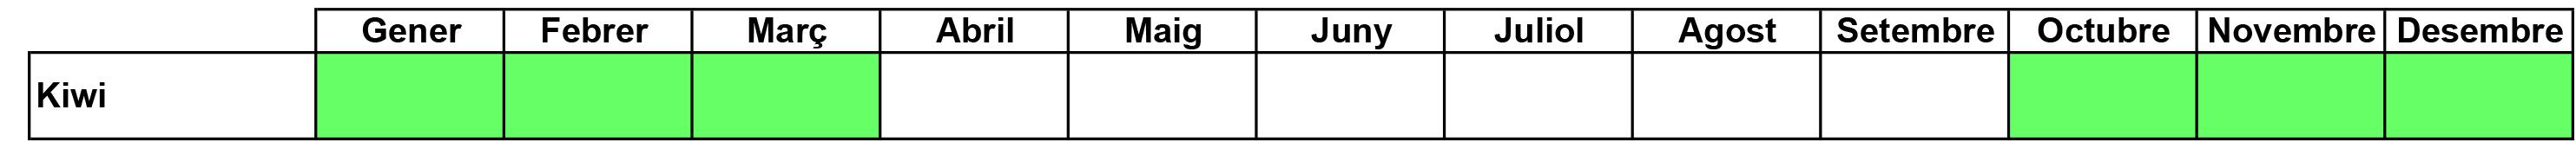 01-Calendari Kiwi